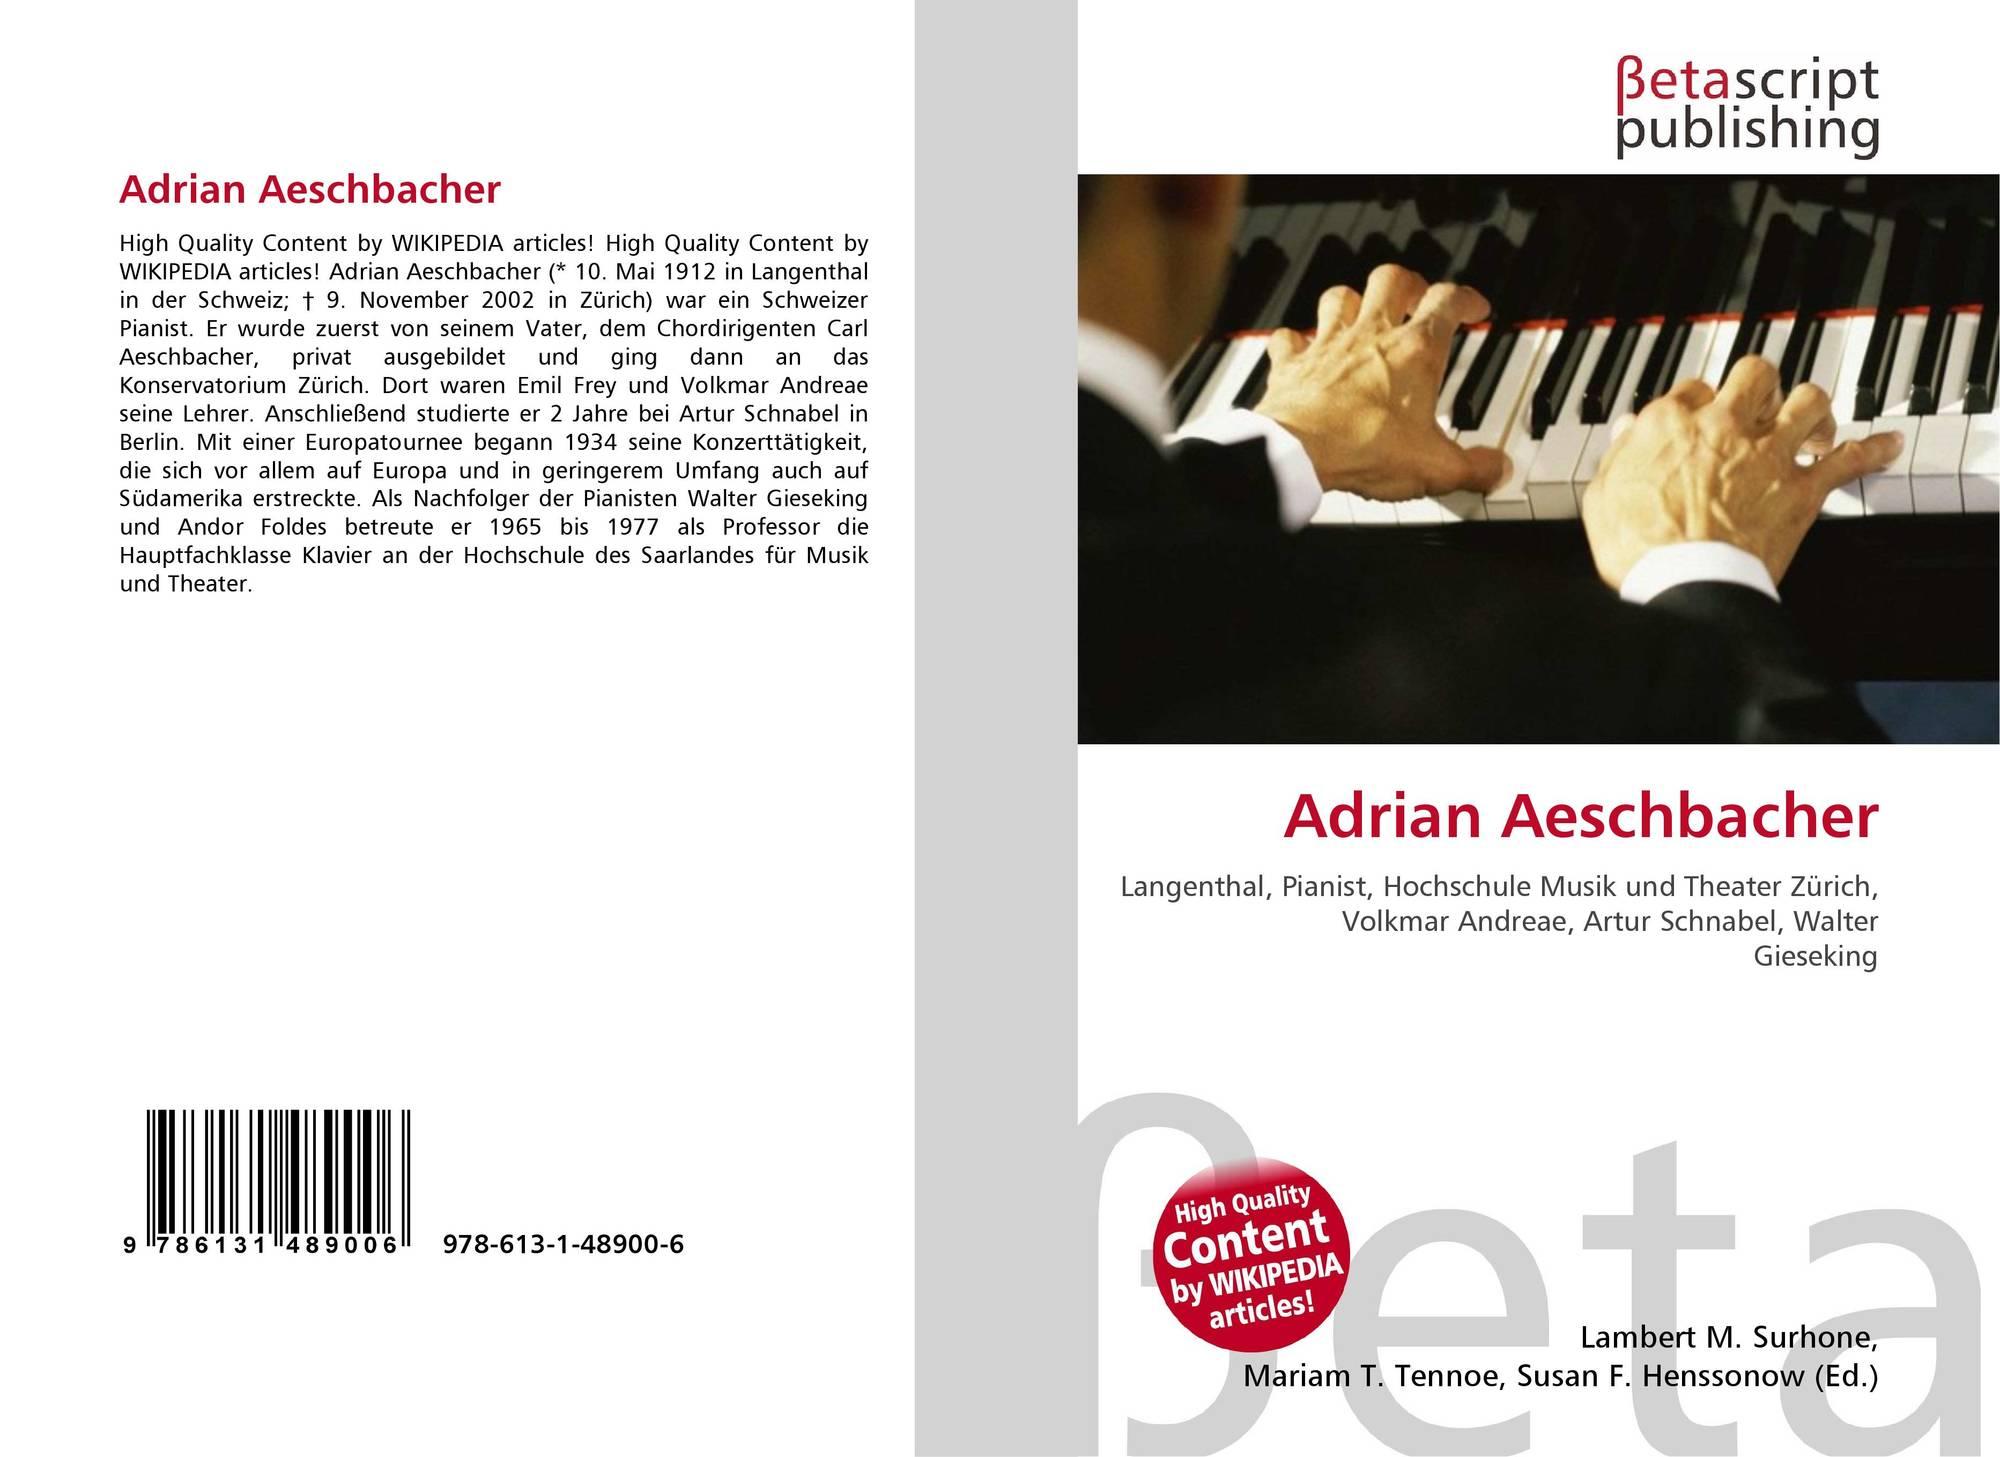 Adrian Aeschbacher Net Worth